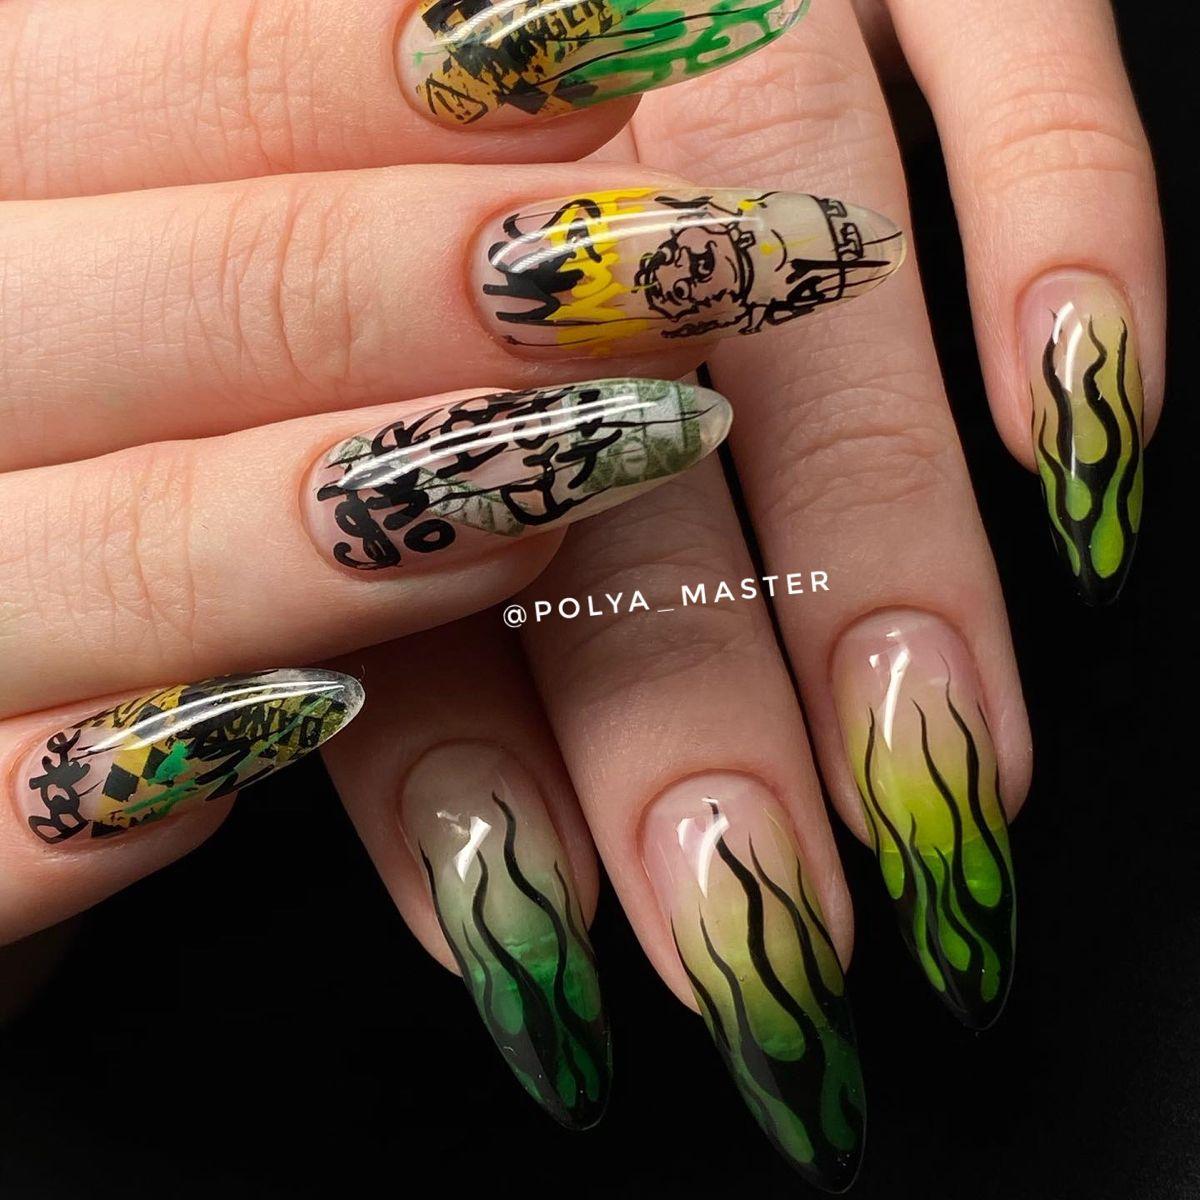 #дизайн #nailart #дизайнногтей #sweetnails #influencer #nailart #nailru #nails #nail #naillover #naillove #crazynails #funnails #nailsmagazine #nailswagg #nailitdaily#nailworld #nailsofinsta #nailmasters #naillook #uniquenails #naildecals ⠀ #слайдердизайн #decals #слайдер #наклейки #стикер #дизайнногтей #маникюр #идеиманикюра #naildesign #наклейкинаногти